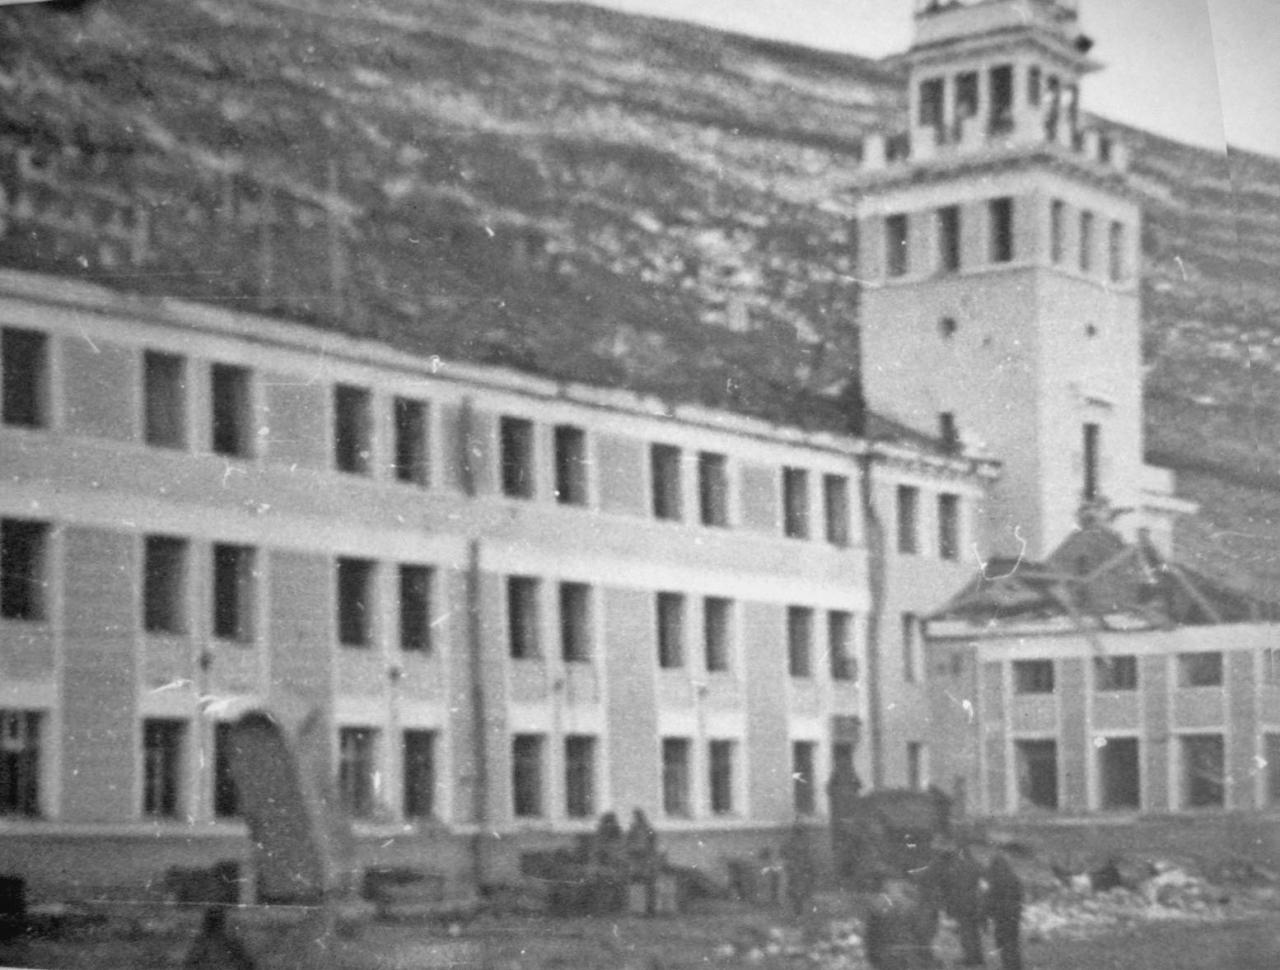 Декабрь 1947 года. Магаданский морской торговый порт после взрывов пароходов.